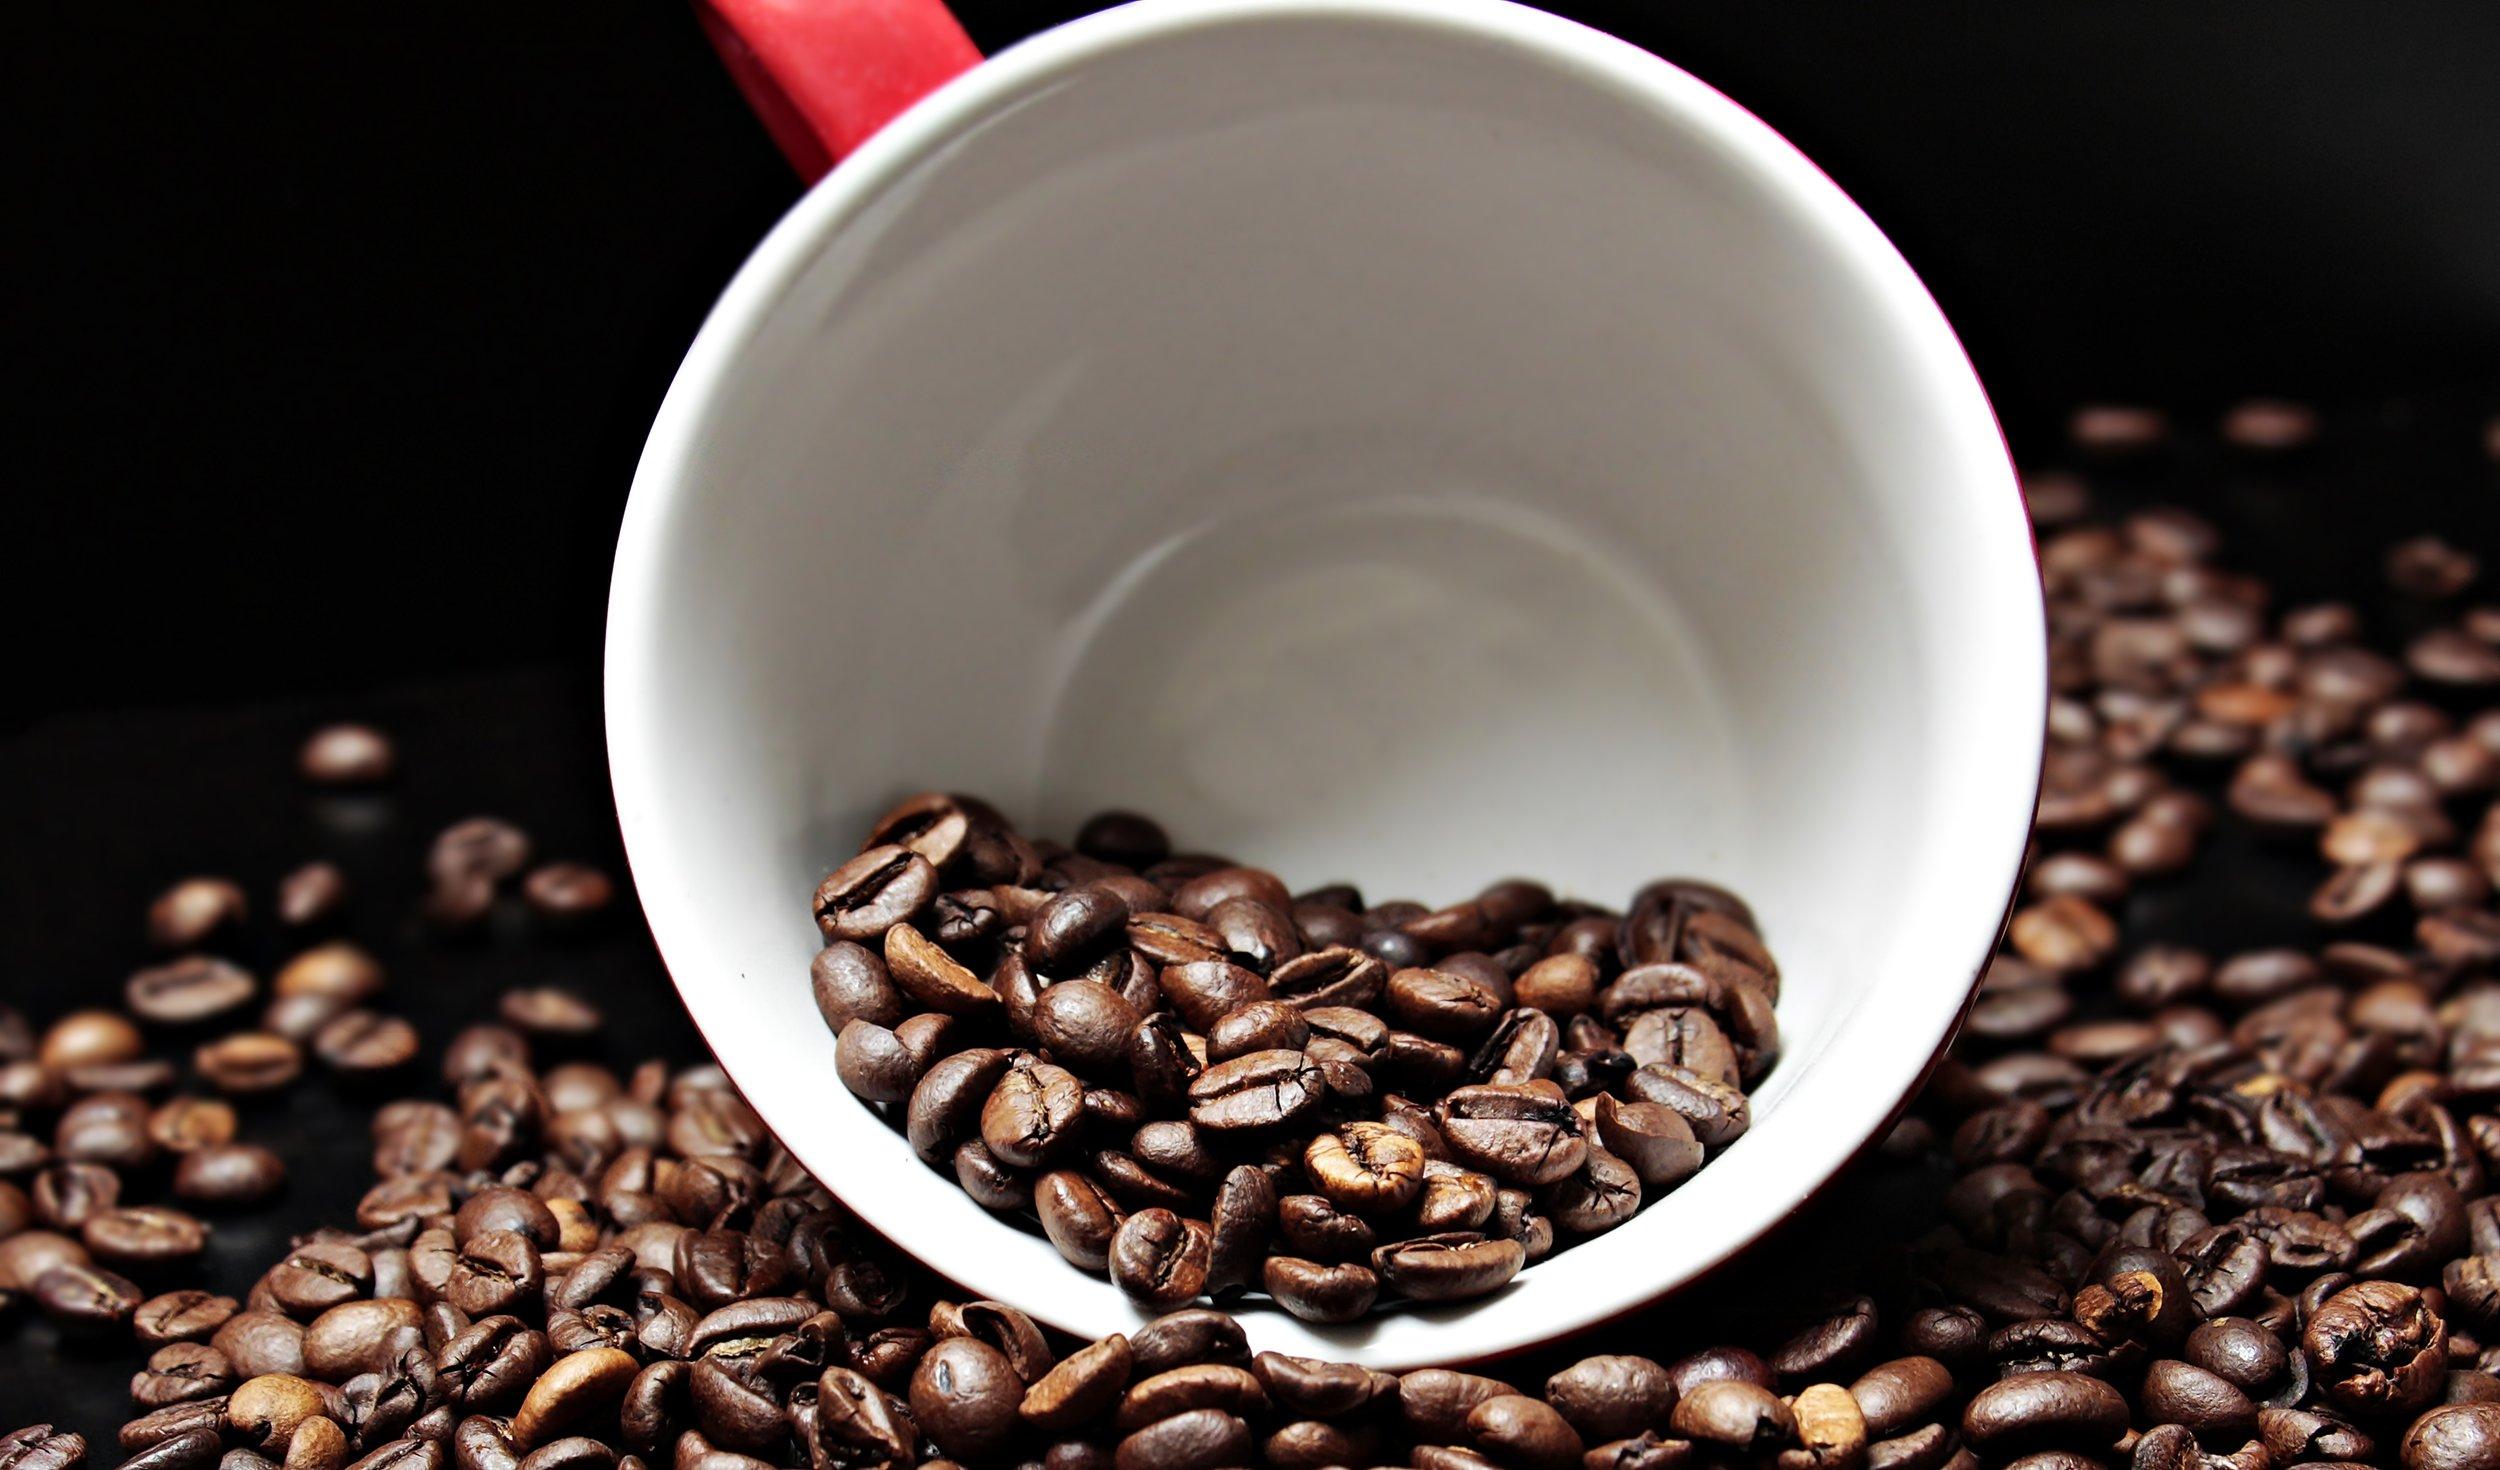 beans-blur-brown-416462.jpg